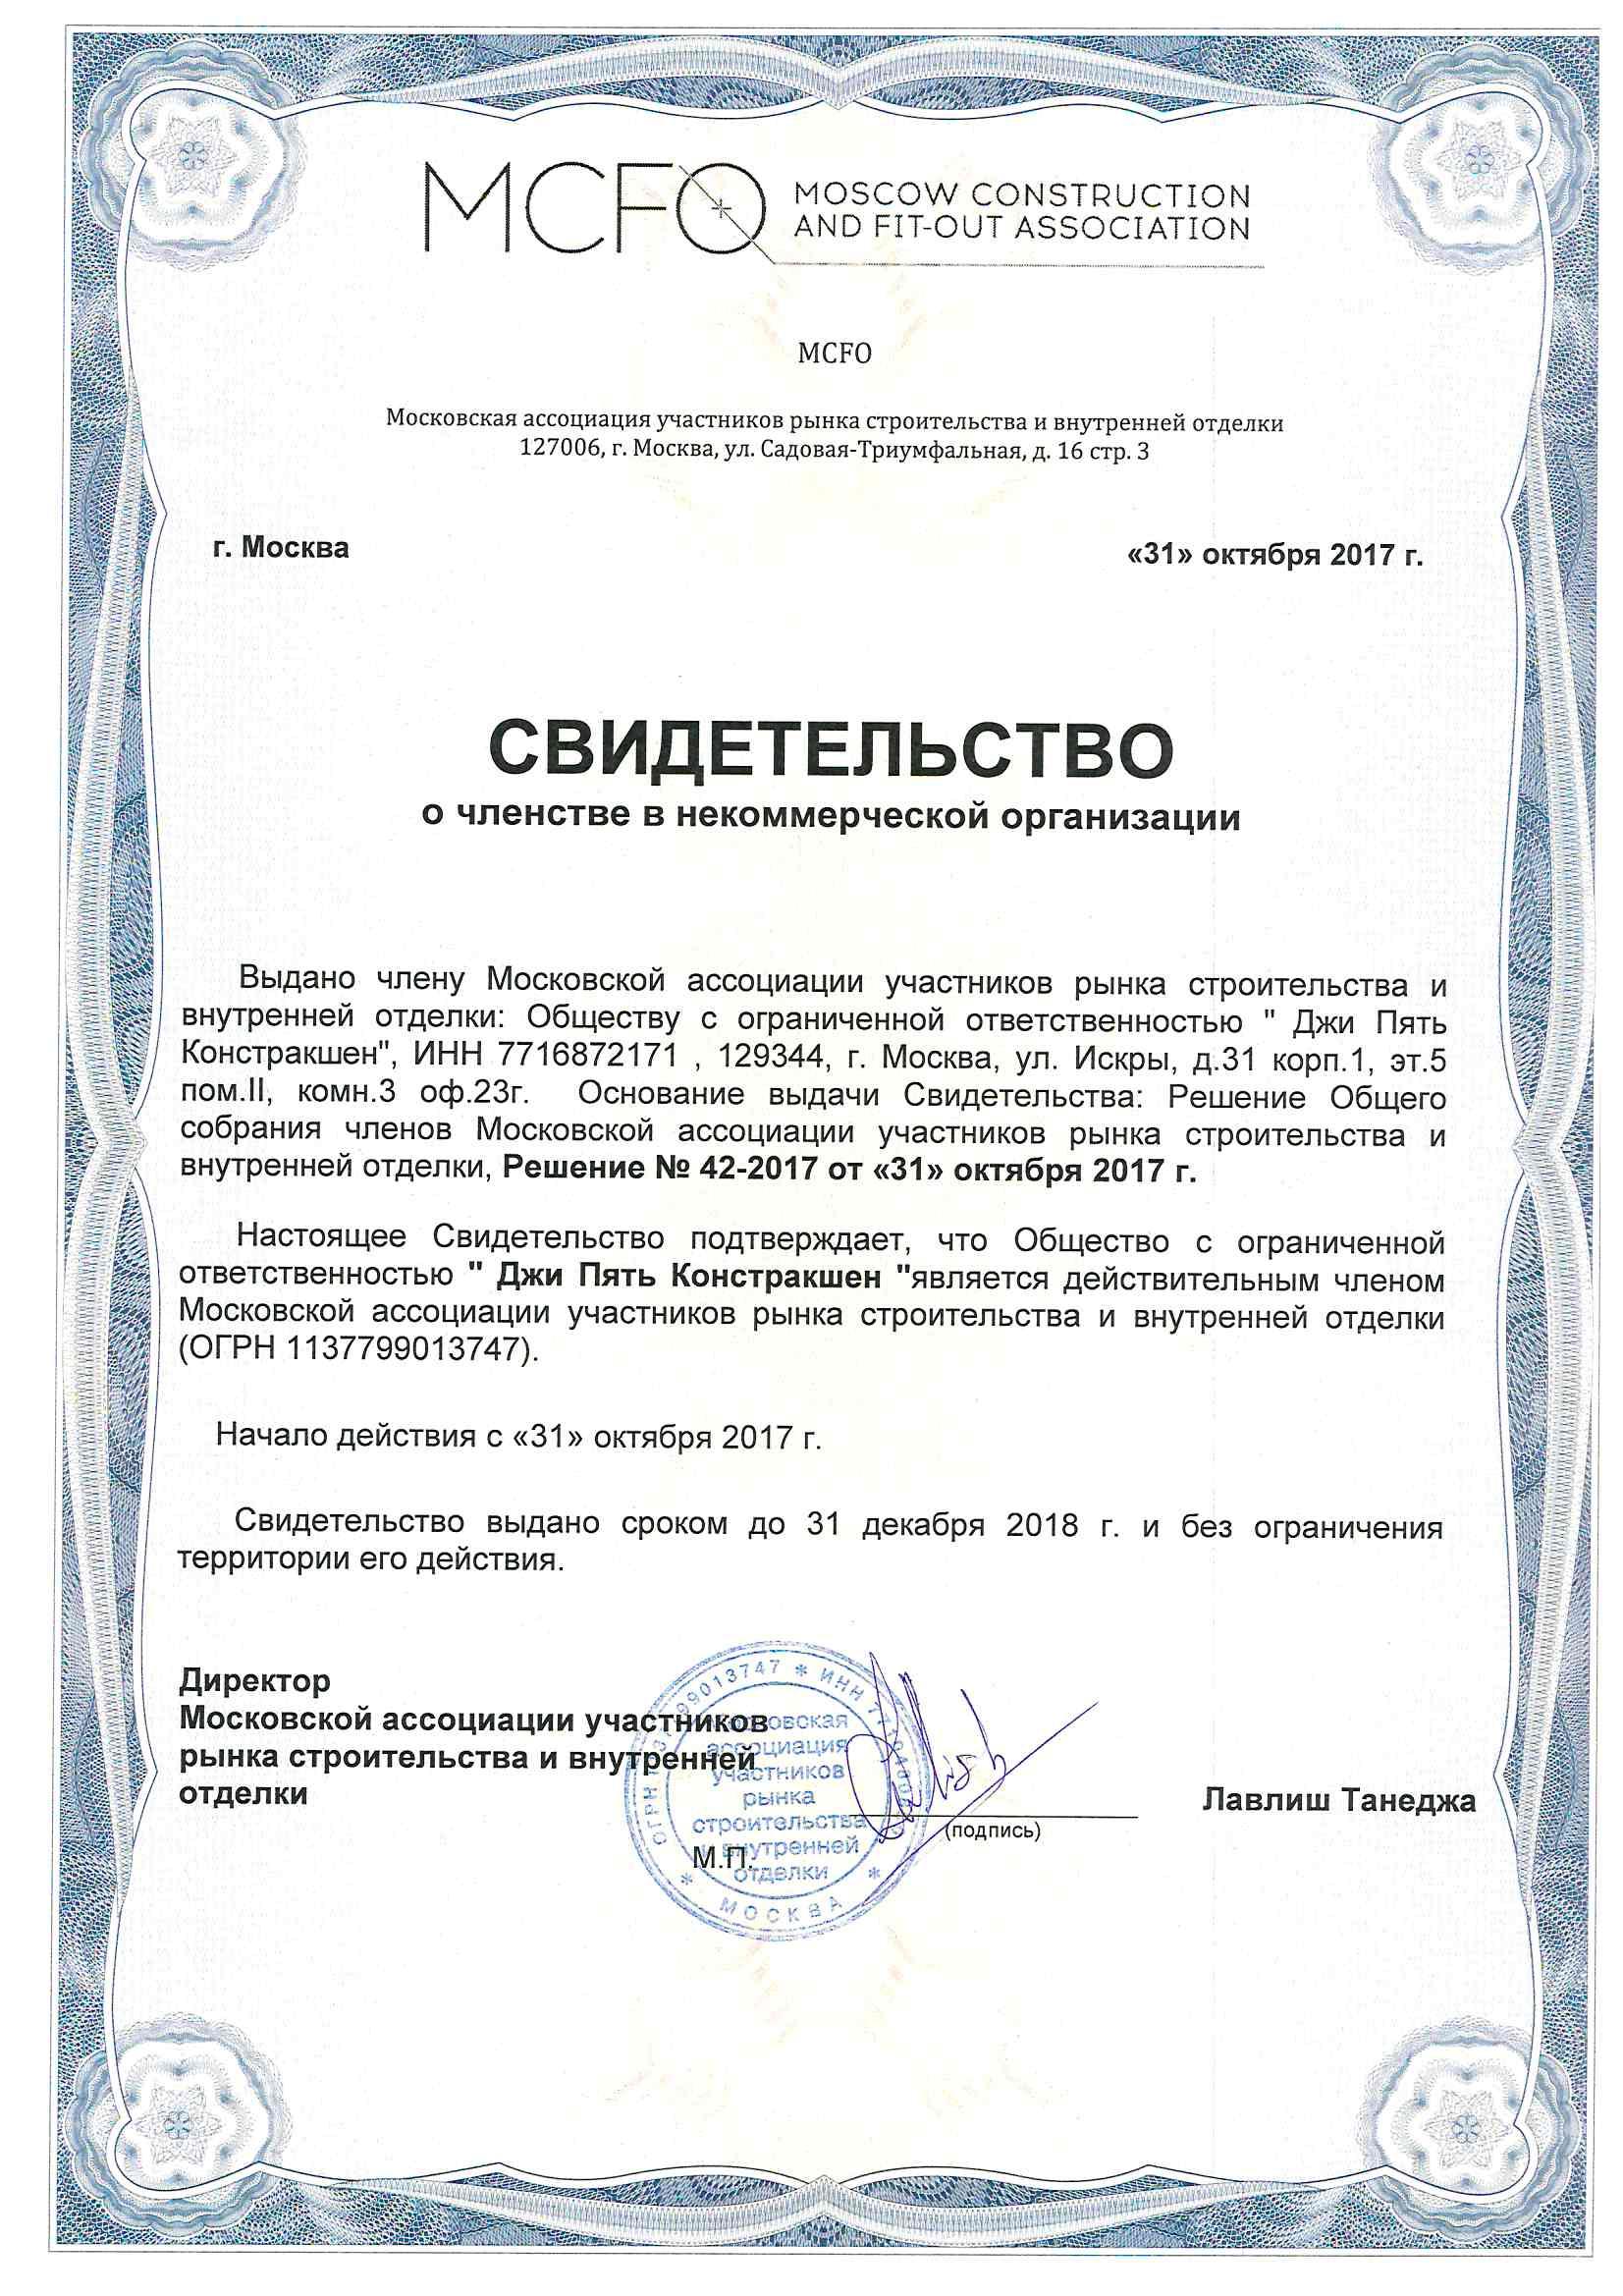 строительная компания Moscow Construction and Fit-Out Association